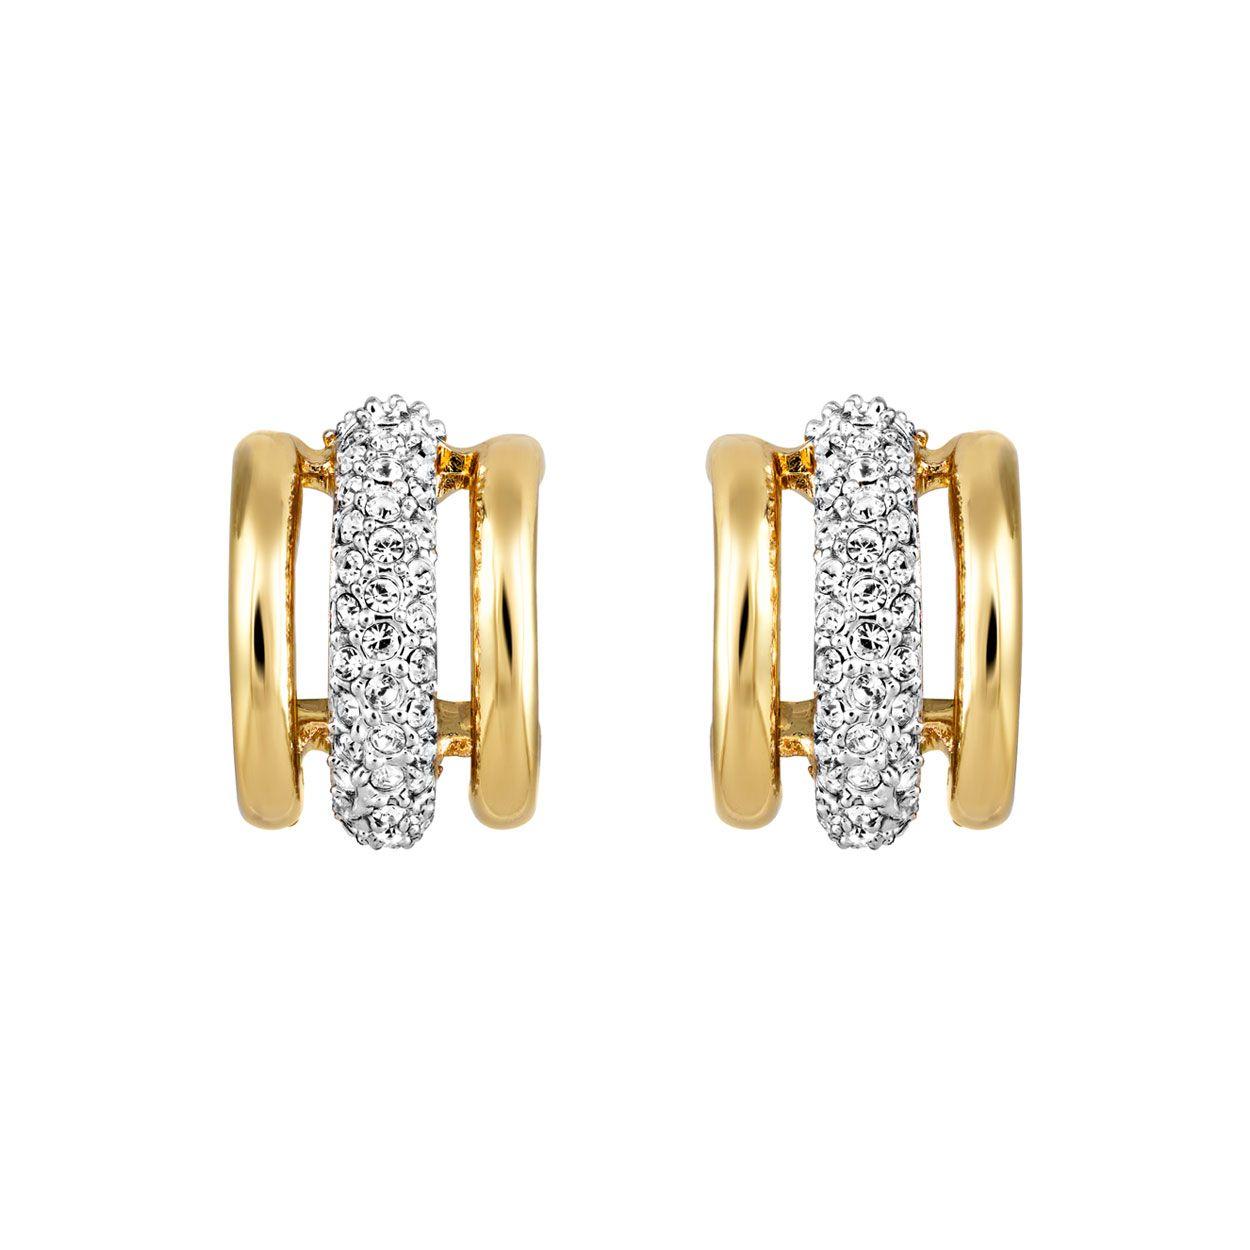 Buckley London Aspire Earrings